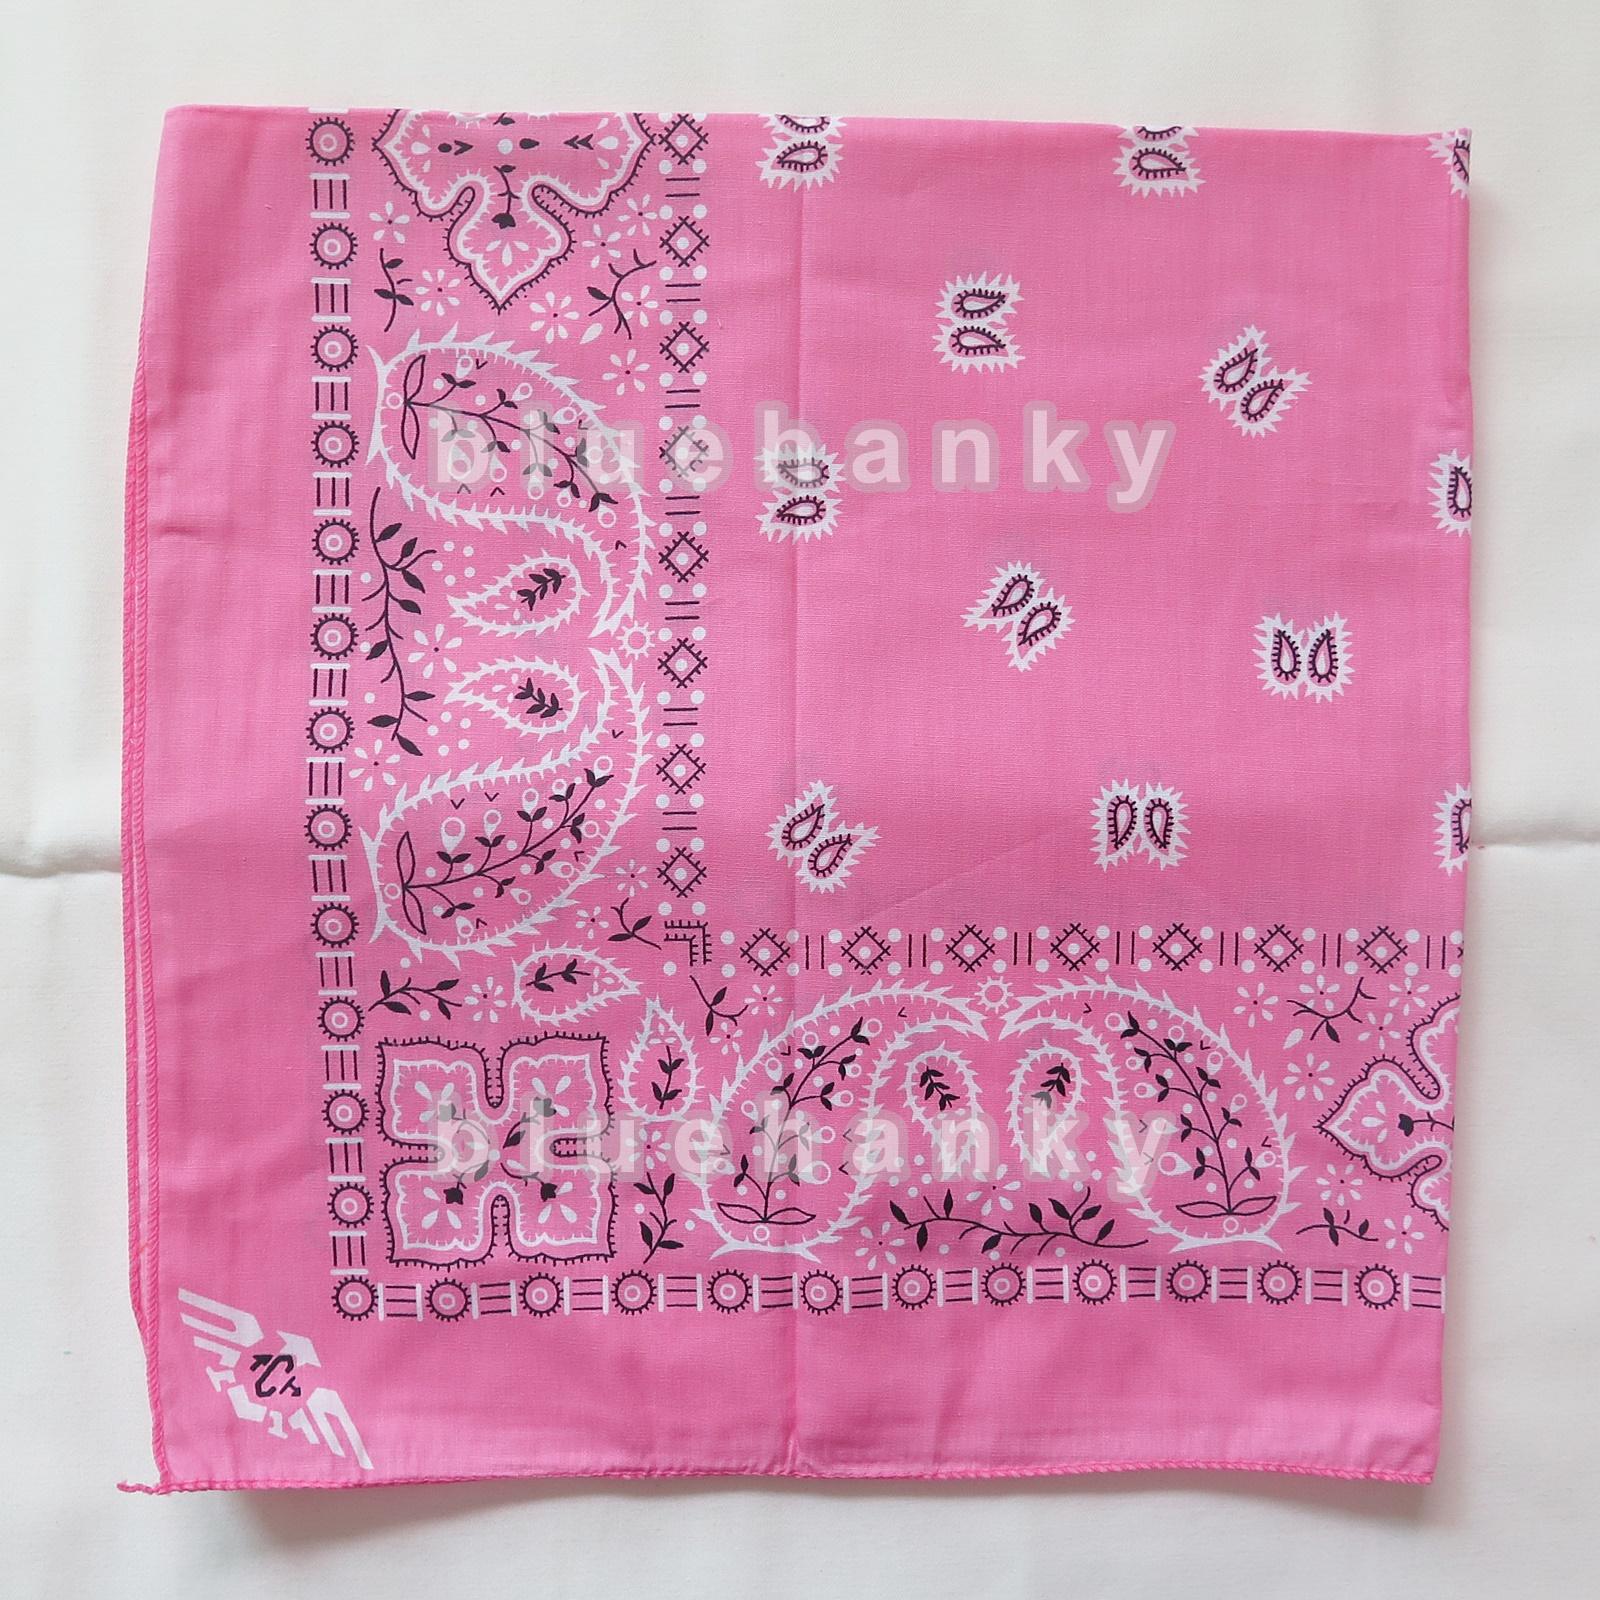 ผ้าพันคอBandannasไซส์บิ๊ก 28นิ้ว สีชมพูอ่อน